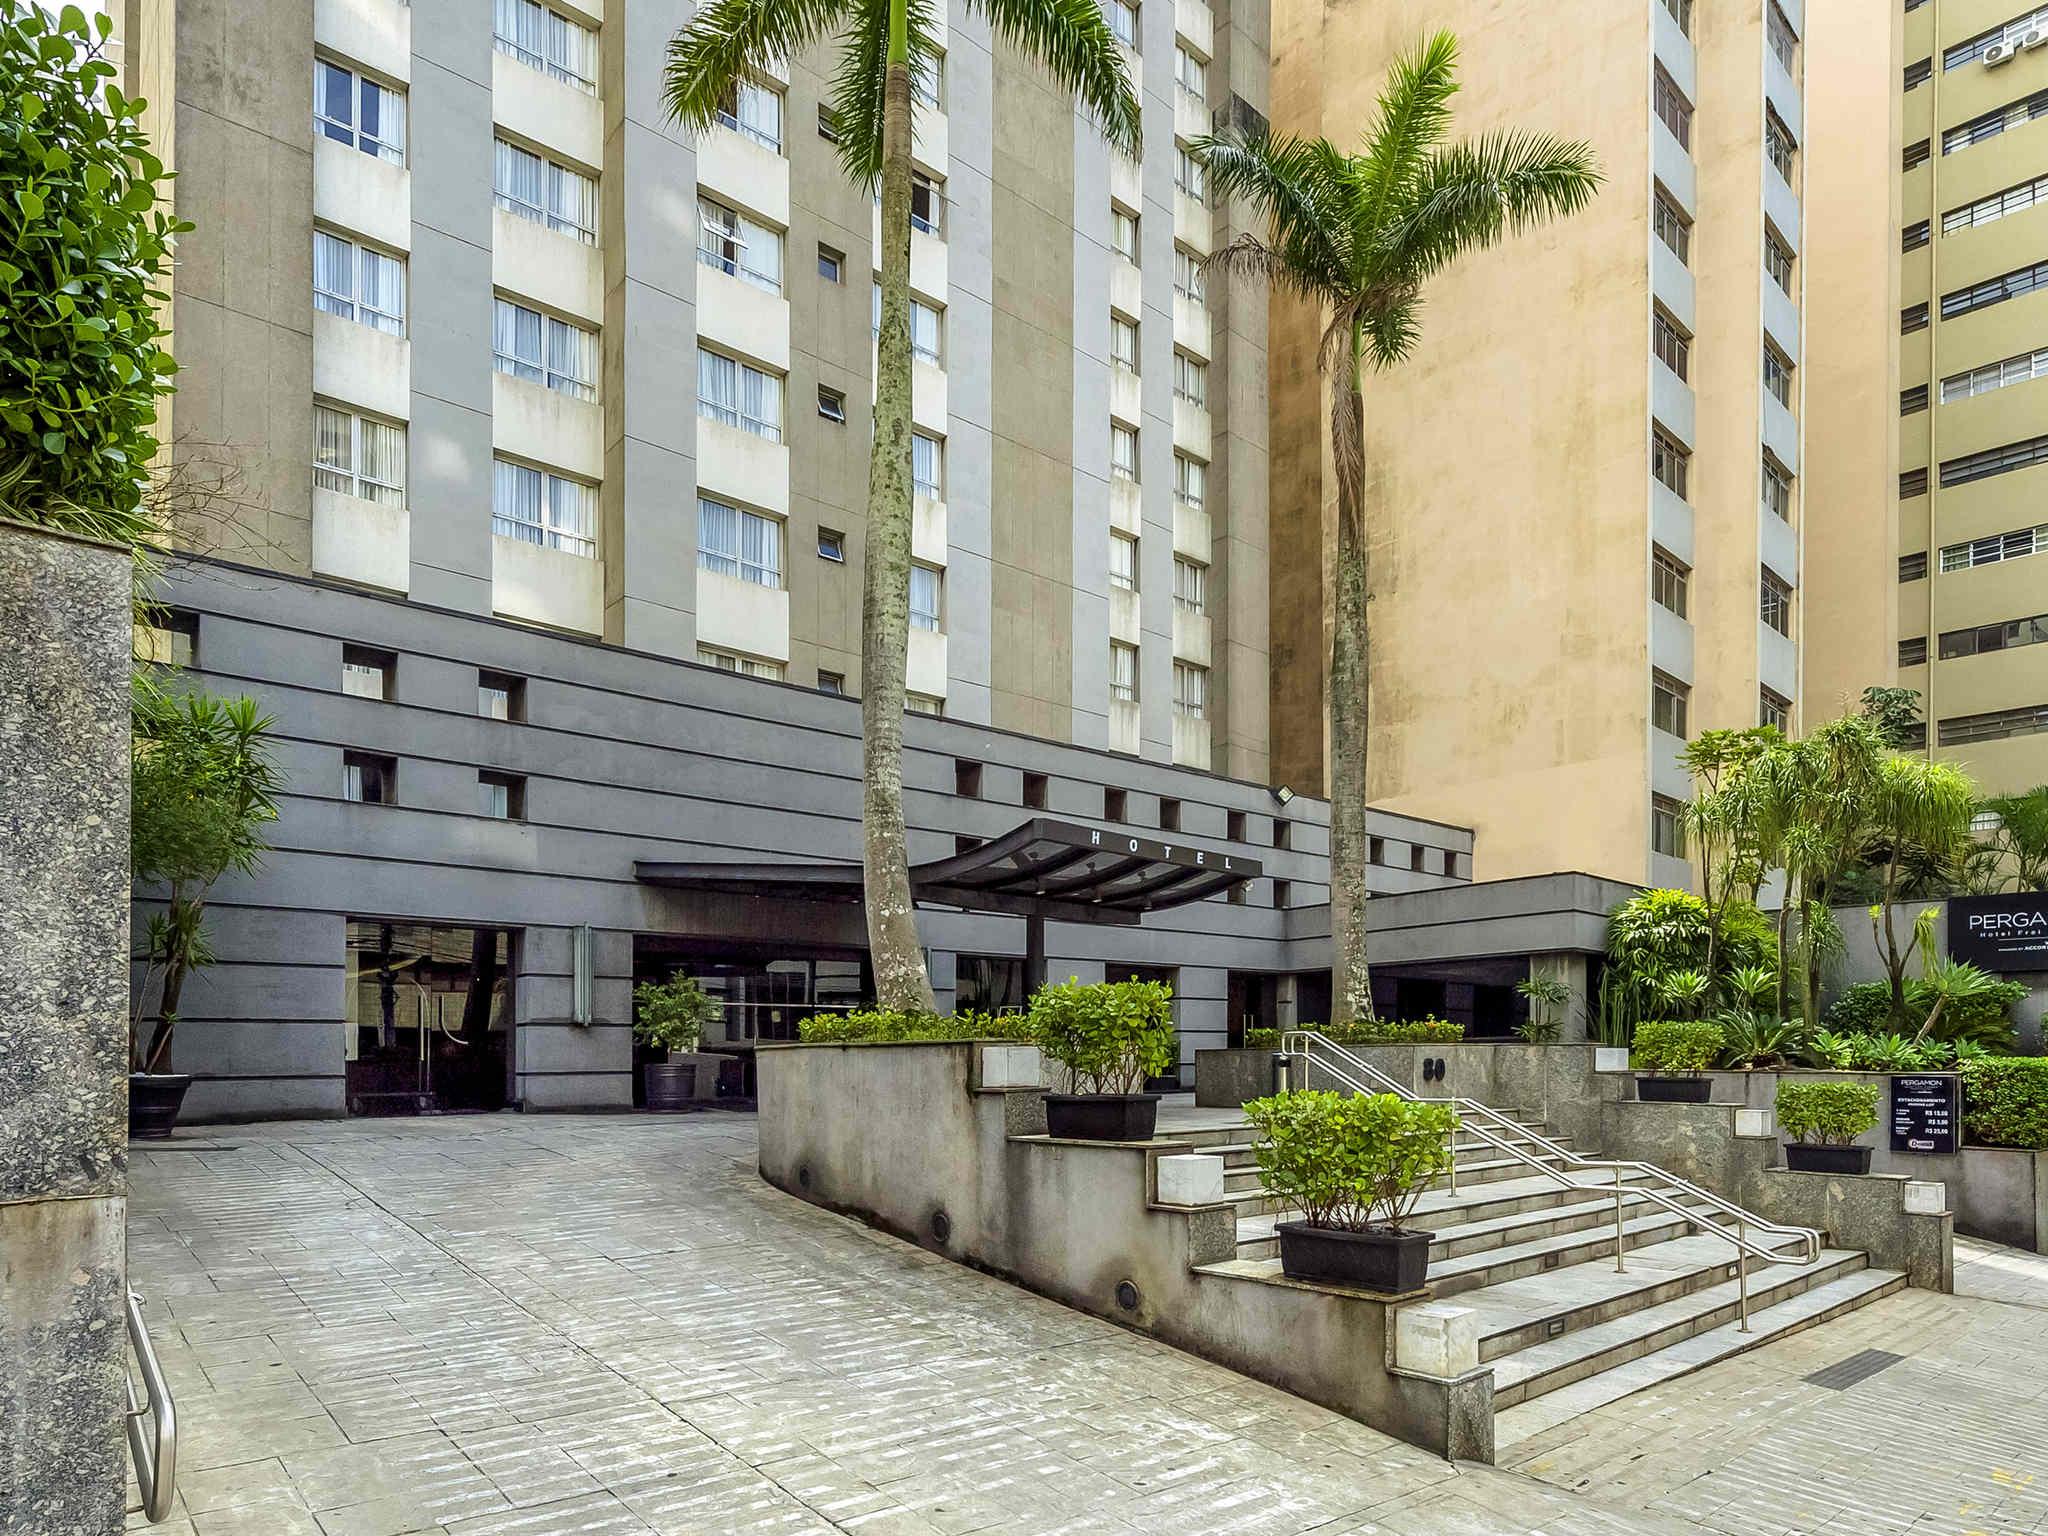 Hotel – Pergamon Hotel Frei Caneca gestito da AccorHotels